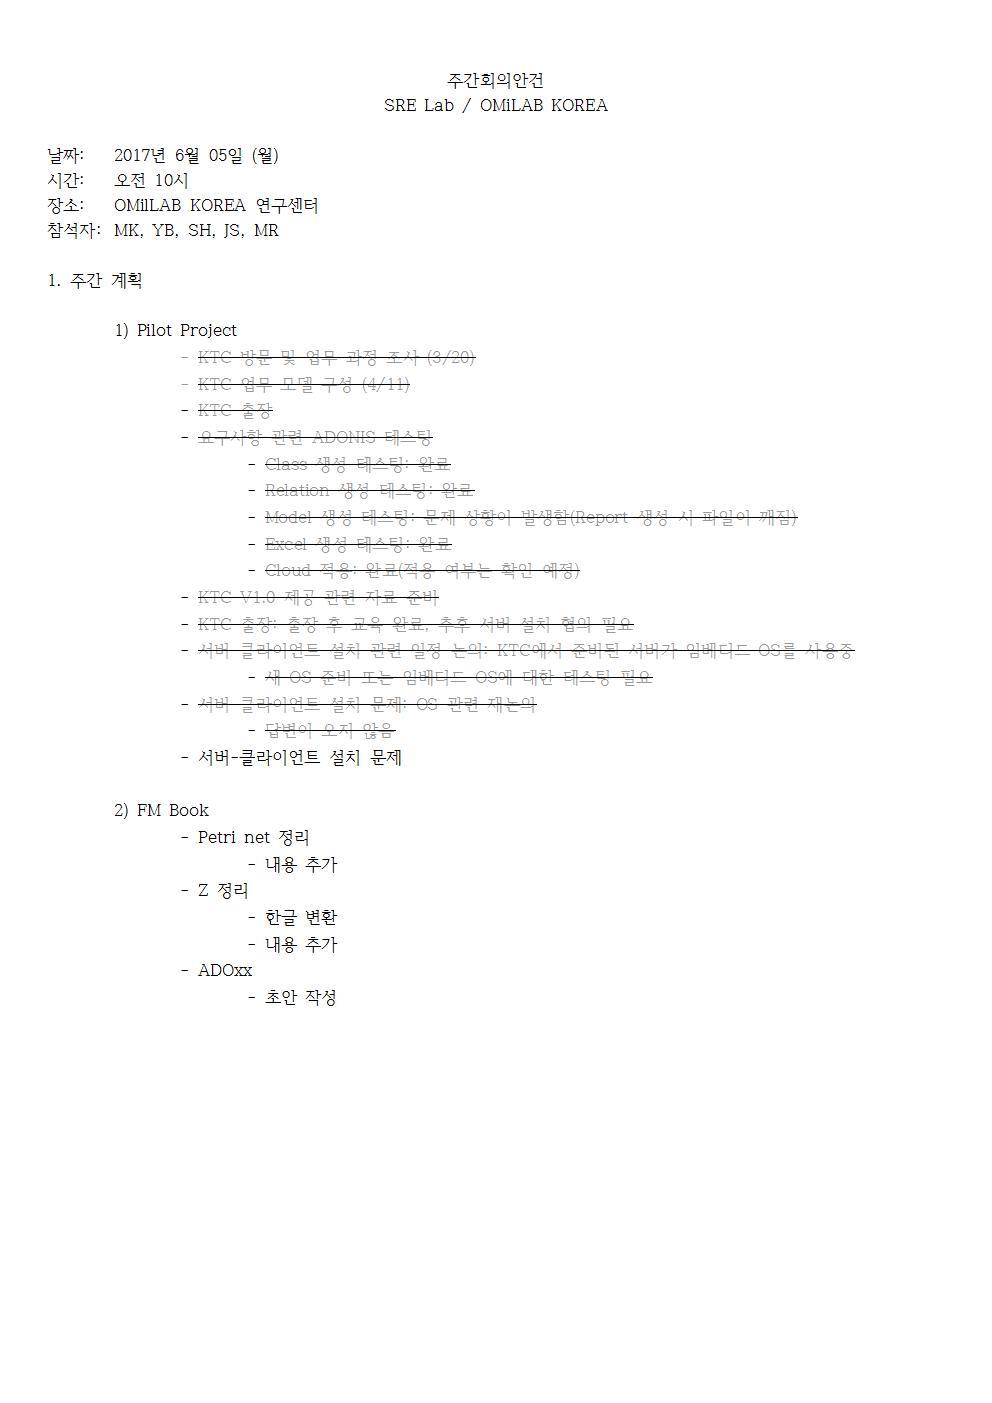 1-월-2017-06-05-PLAN(YB)001.jpg